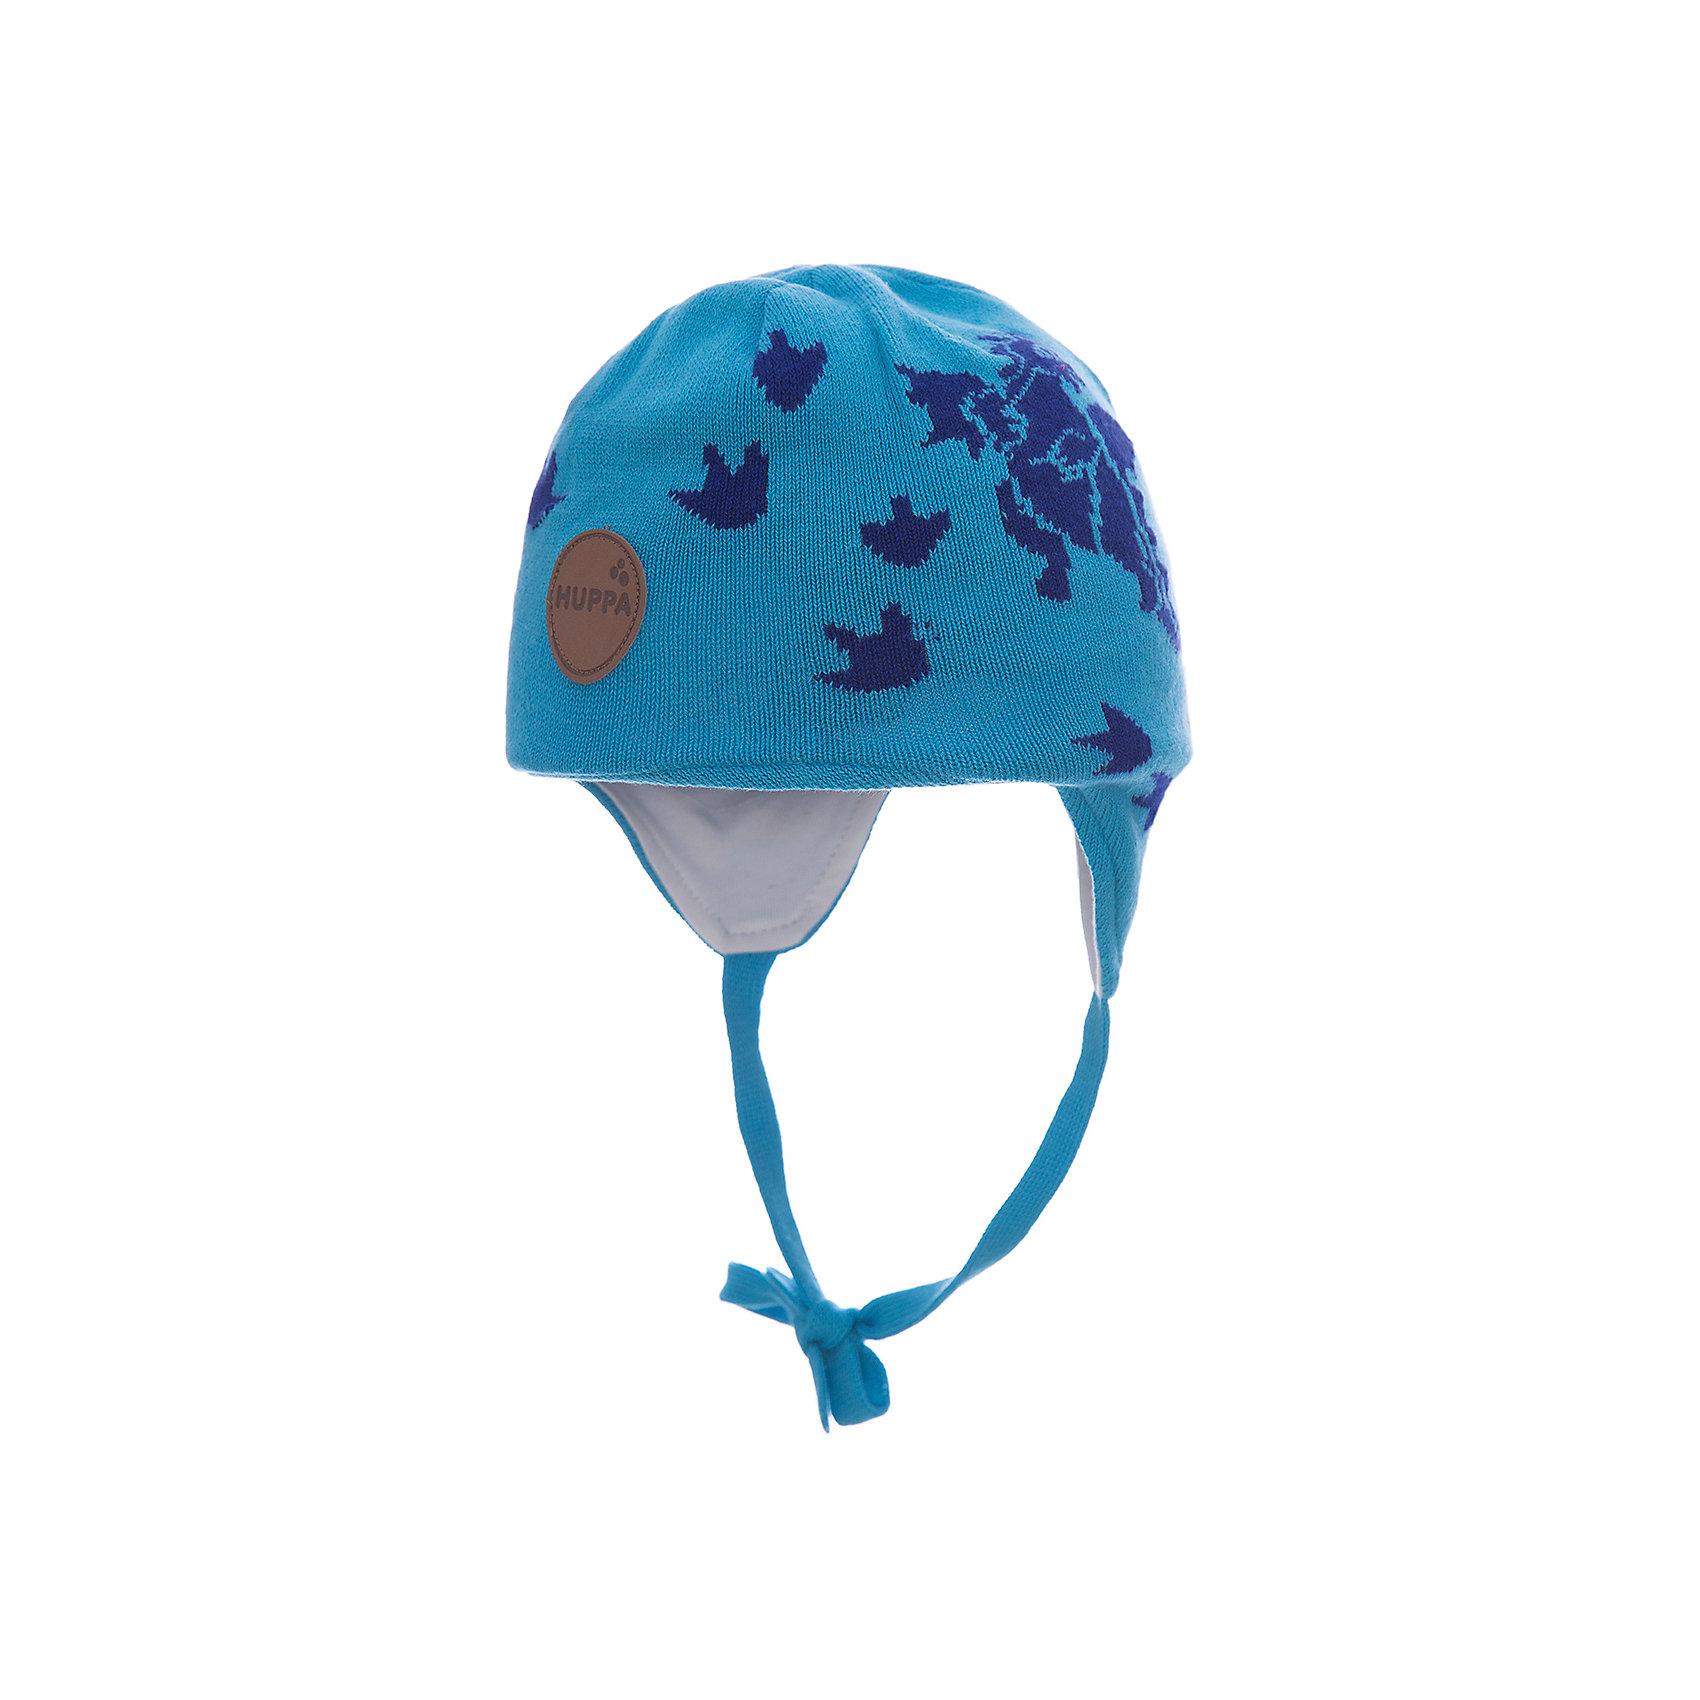 Шапка SILBY для мальчика HuppaГоловные уборы<br>Характеристики товара:<br><br>• цвет: голубой<br>• состав: 60% хлопок, 40% акрил<br>• подкладка: трикотаж - 100% хлопок<br>• температурный режим: от -5°С до +10°С<br>• демисезонная<br>• принт<br>• защита ушей<br>• комфортная посадка<br>• завязки<br>• мягкий материал<br>• страна бренда: Эстония<br><br>Эта шапка обеспечит детям тепло и комфорт. Она сделана из приятного на ощупь мягкого материала. Шапка очень симпатично смотрится, а дизайн и расцветка позволяют сочетать её с различной одеждой. Модель была разработана специально для детей.<br><br>Одежда и обувь от популярного эстонского бренда Huppa - отличный вариант одеть ребенка можно и комфортно. Вещи, выпускаемые компанией, качественные, продуманные и очень удобные. Для производства изделий используются только безопасные для детей материалы. Продукция от Huppa порадует и детей, и их родителей!<br><br>Шапку SILBY от бренда Huppa (Хуппа) можно купить в нашем интернет-магазине.<br><br>Ширина мм: 89<br>Глубина мм: 117<br>Высота мм: 44<br>Вес г: 155<br>Цвет: голубой<br>Возраст от месяцев: 6<br>Возраст до месяцев: 12<br>Пол: Мужской<br>Возраст: Детский<br>Размер: 43-45,51-53,47-49<br>SKU: 5347698